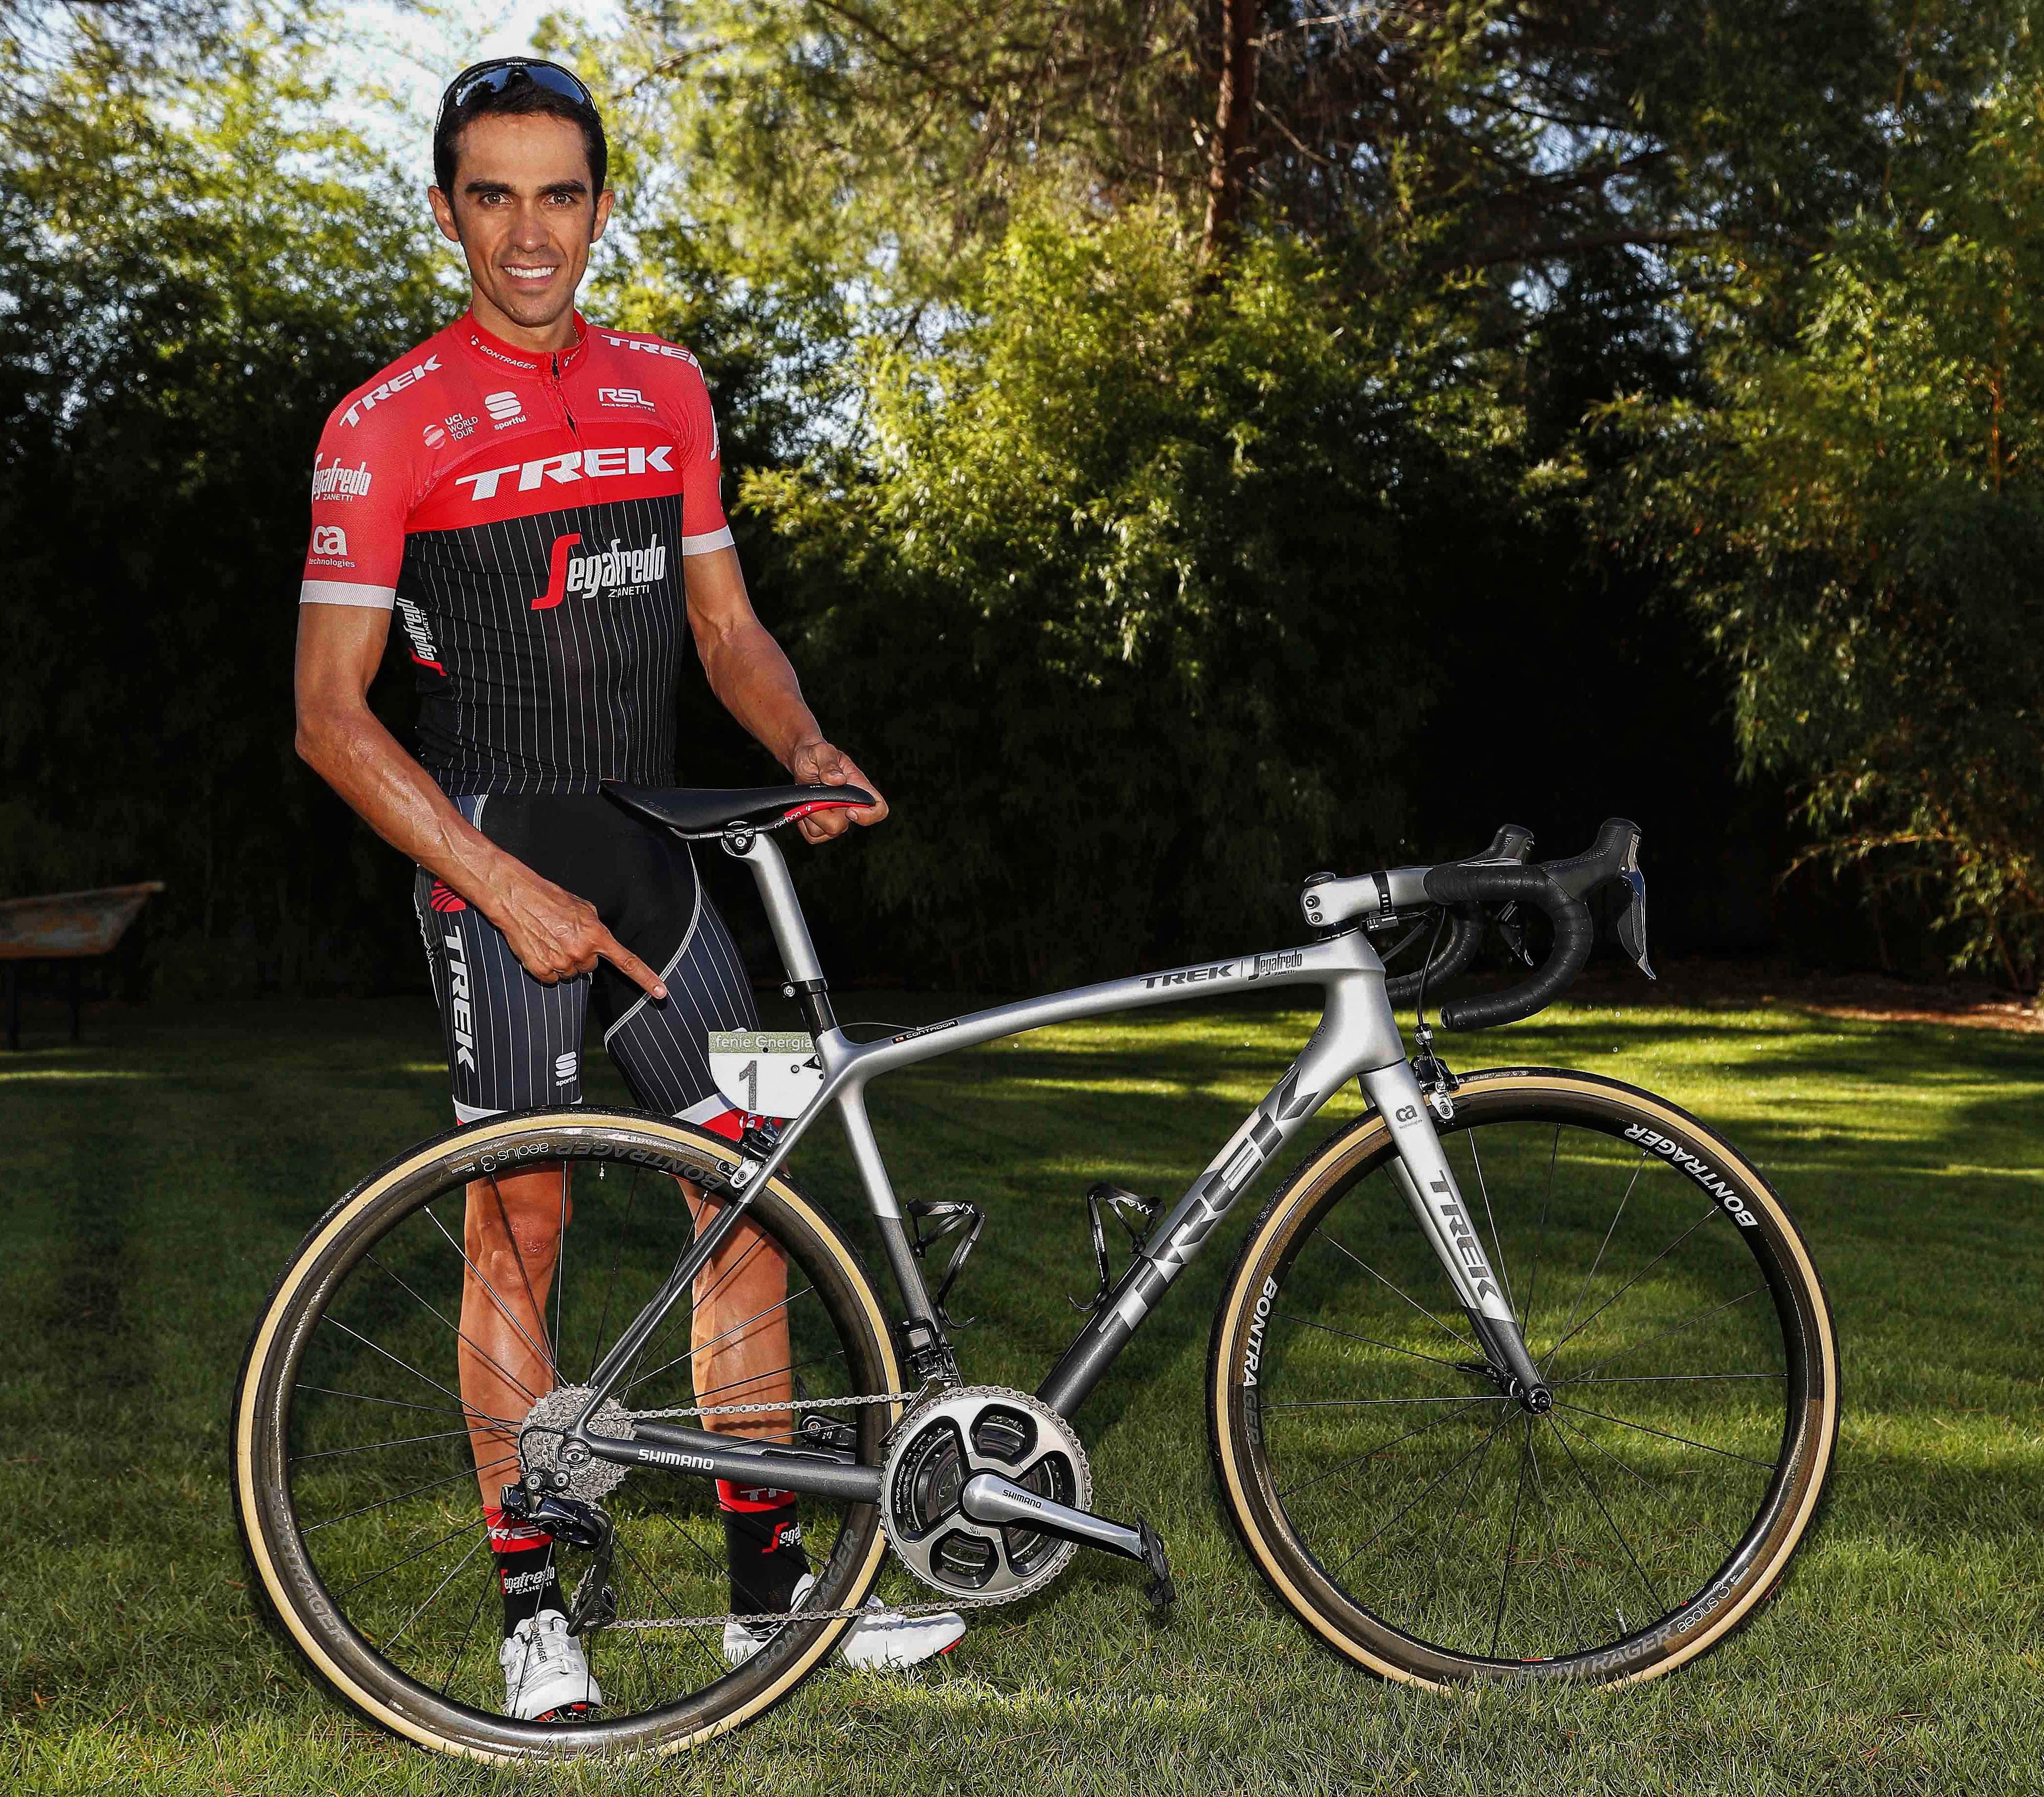 Vuelta di Spagna, la prima maglia è della Bmc del trentino Oss